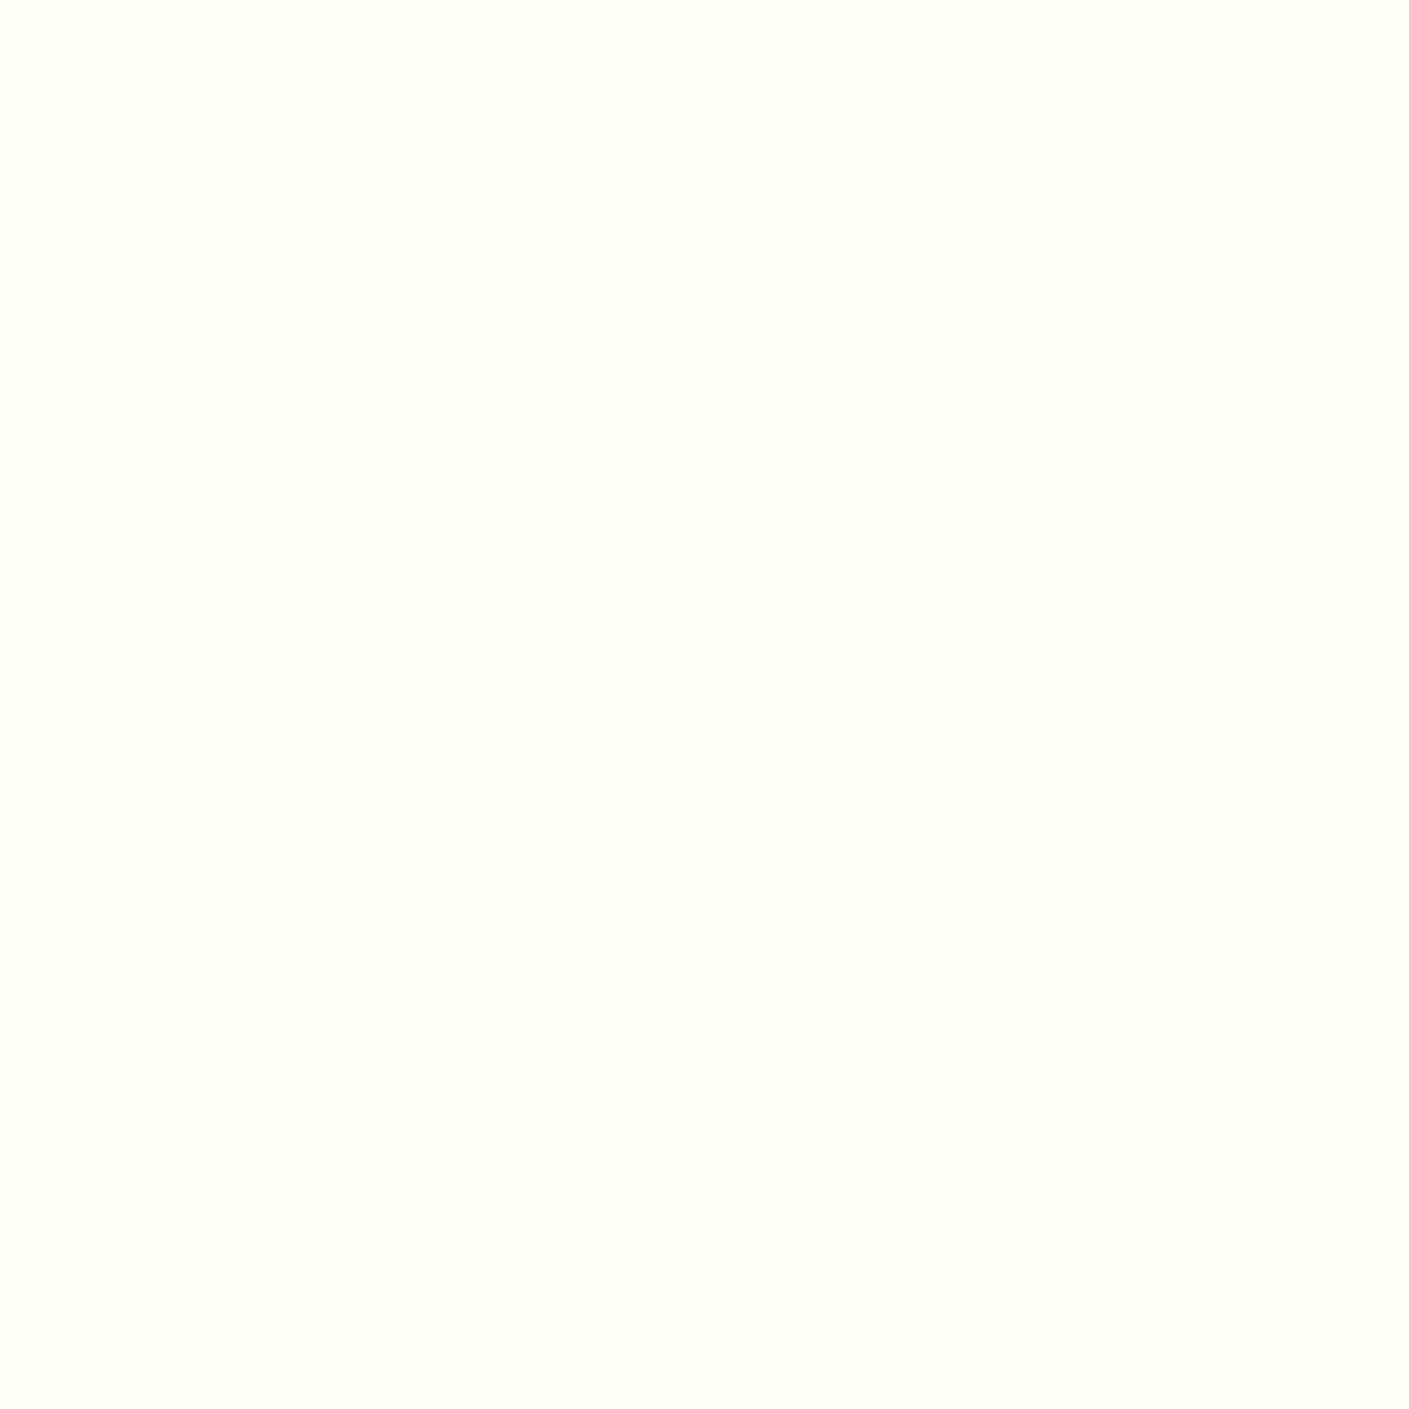 持続的通り抜ける読むDial ダイアル ボディーウォッシュ 『オド?アモーレ』 2パック [並行輸入品]